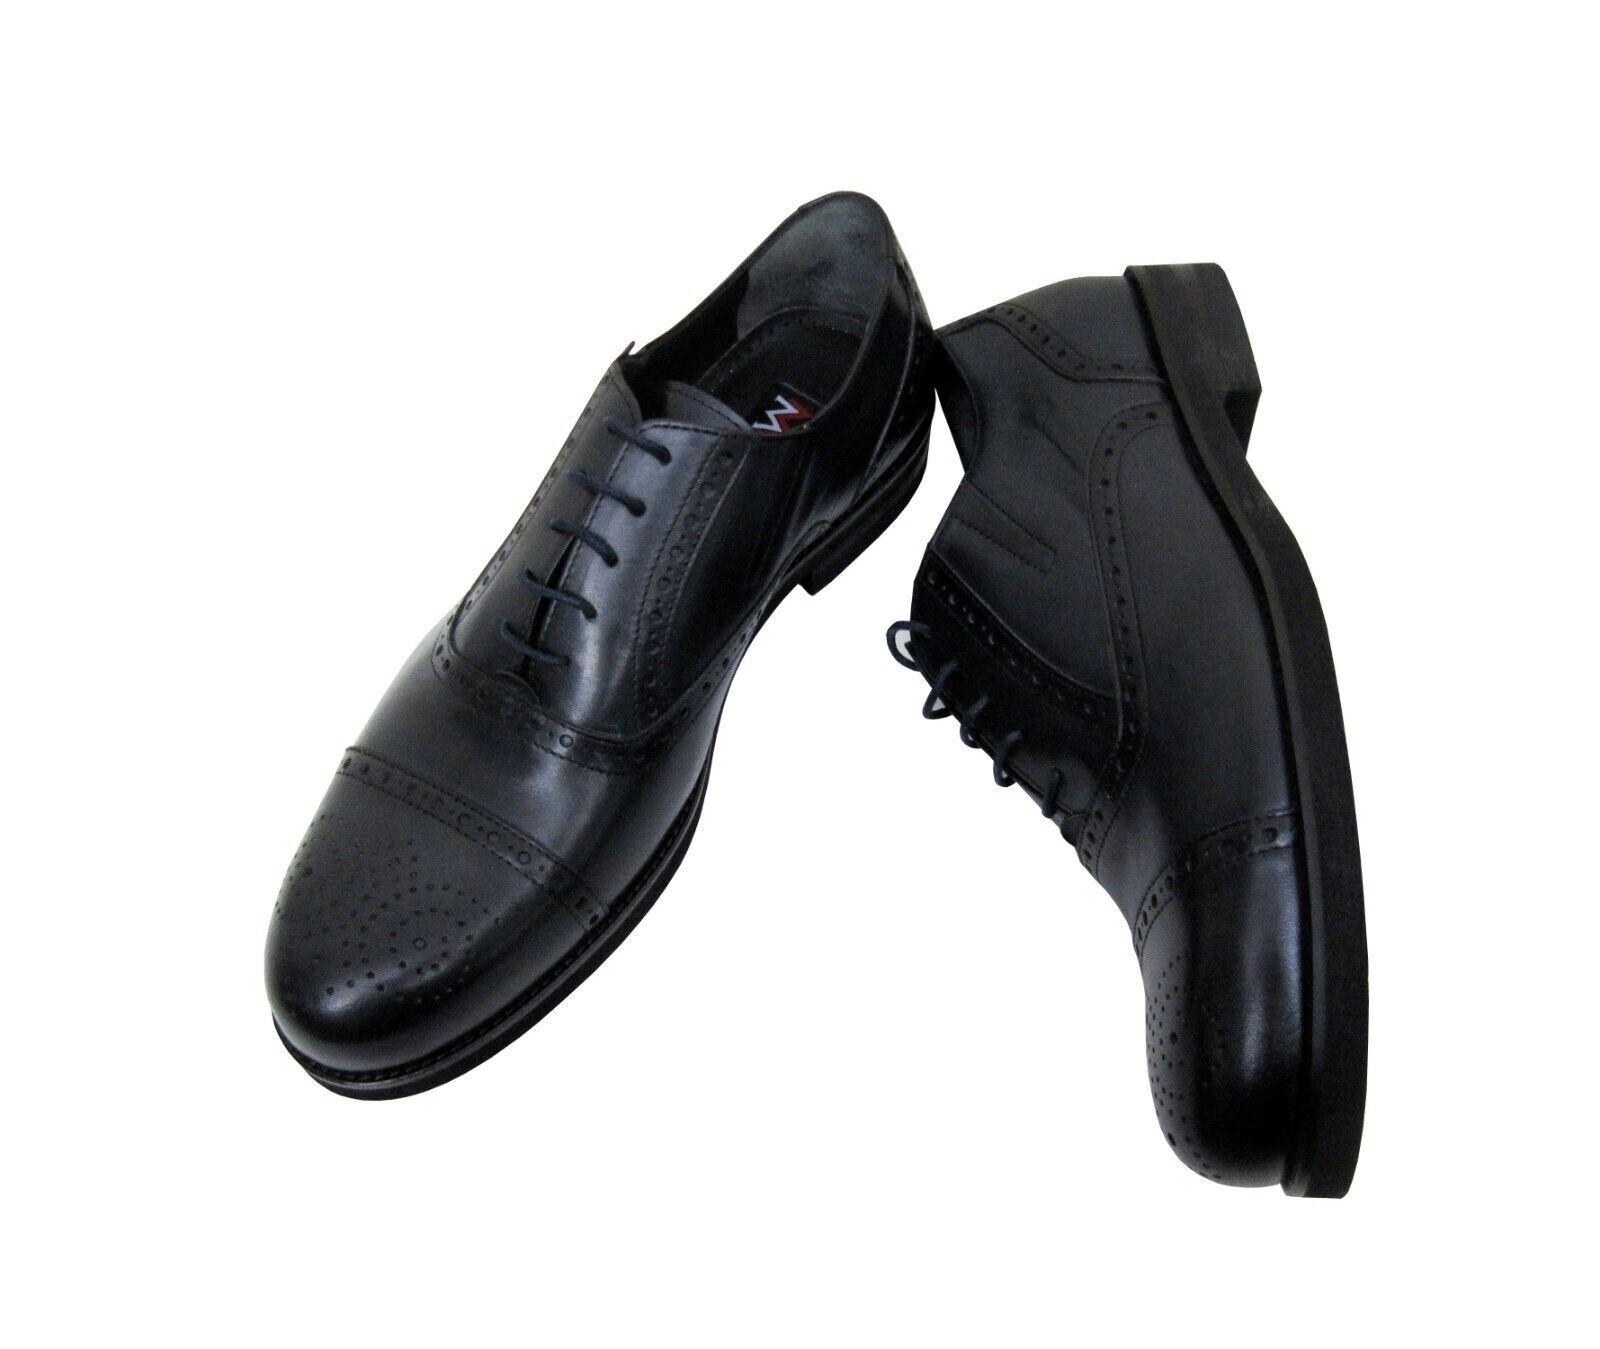 Chaussures Hommes en cuir véritable classique taille 41 Bleu Foncé